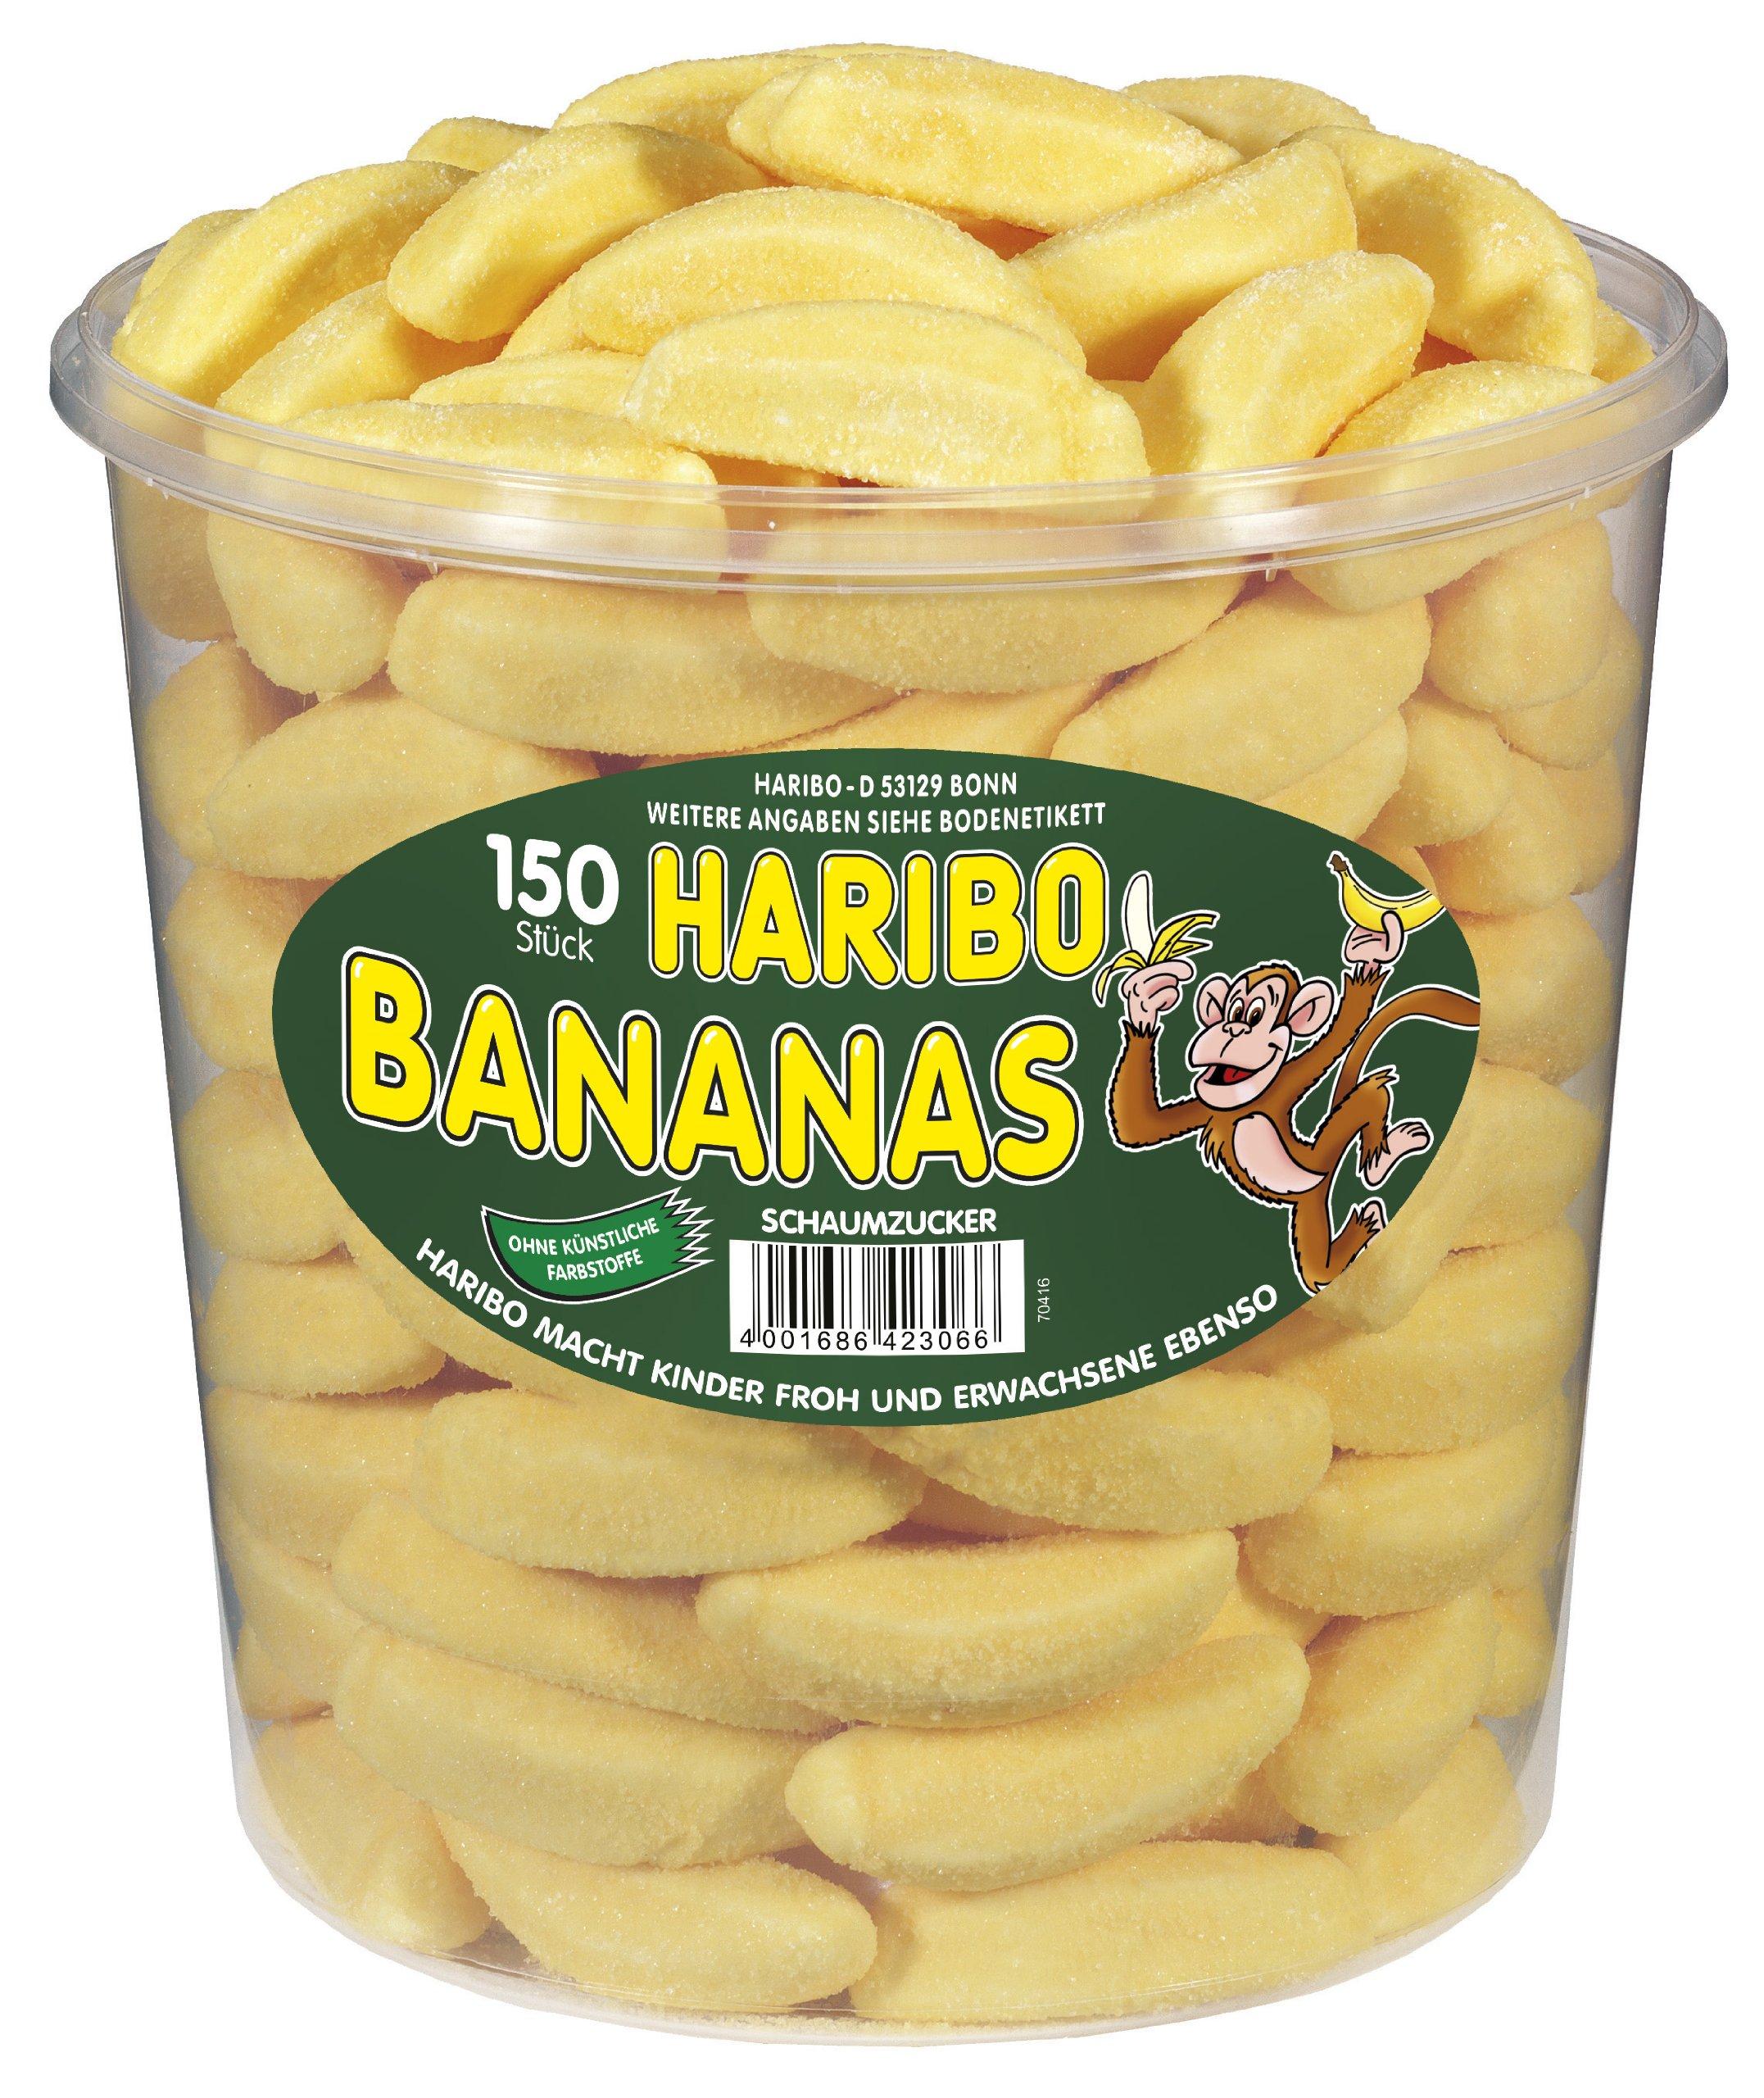 Haribo Bananas Tub -150 pcs